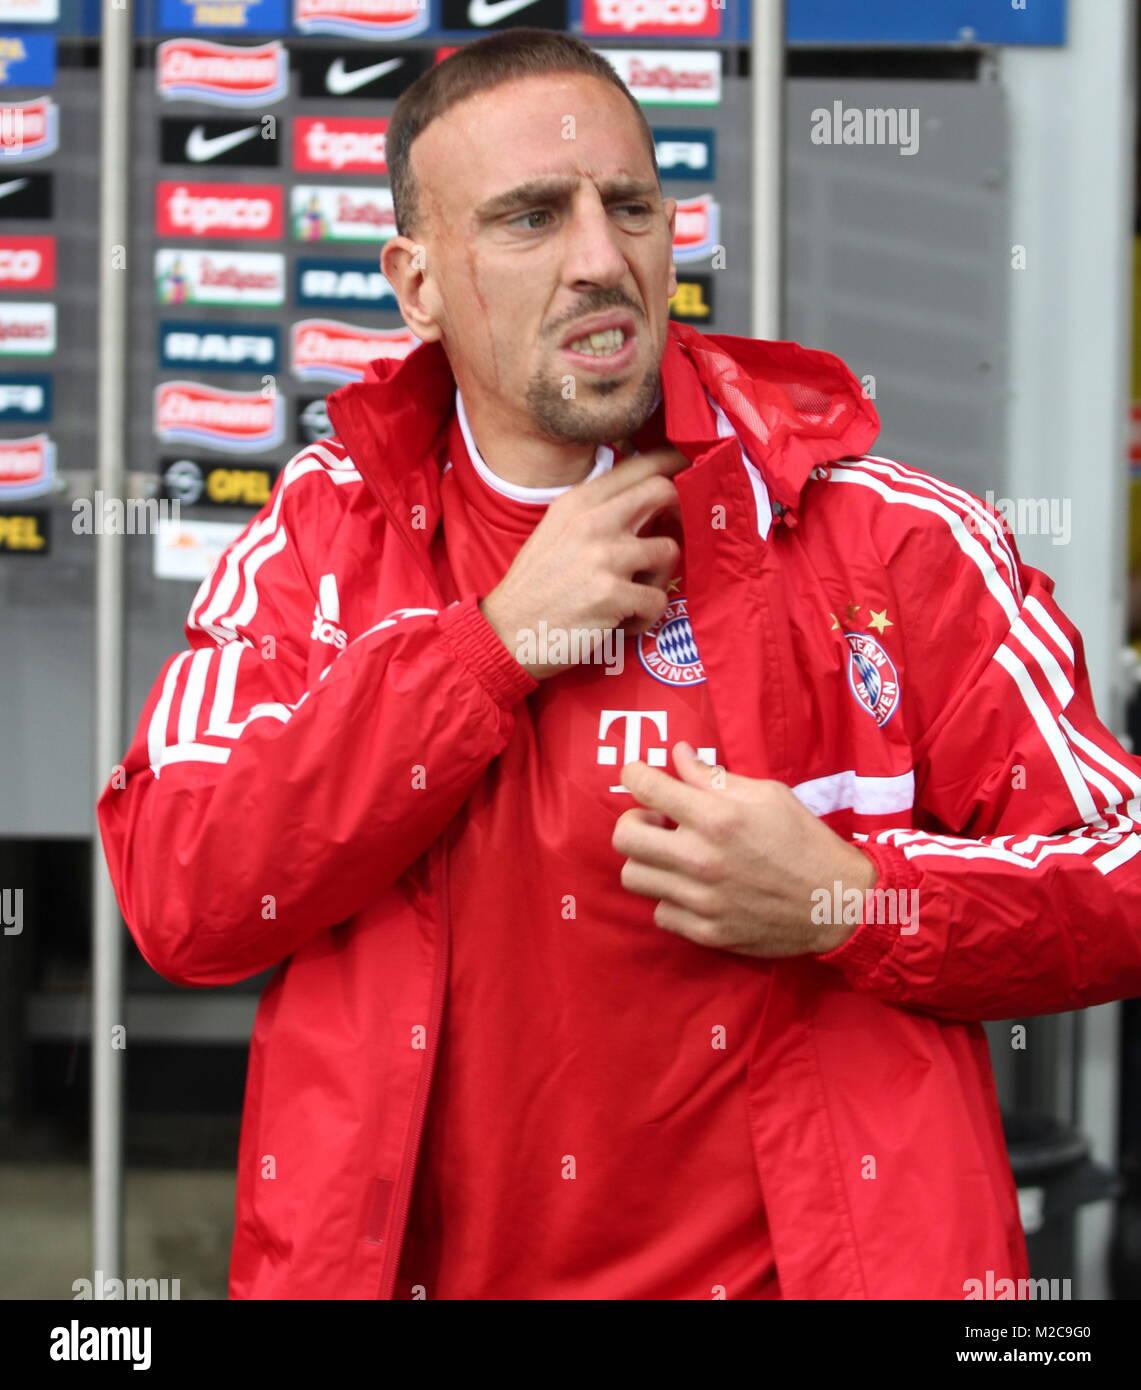 Franck Ribery guckt grisgrämig drein, in Freiburg saß der Franzose zunächst auf der Reservebank  - Stock Image